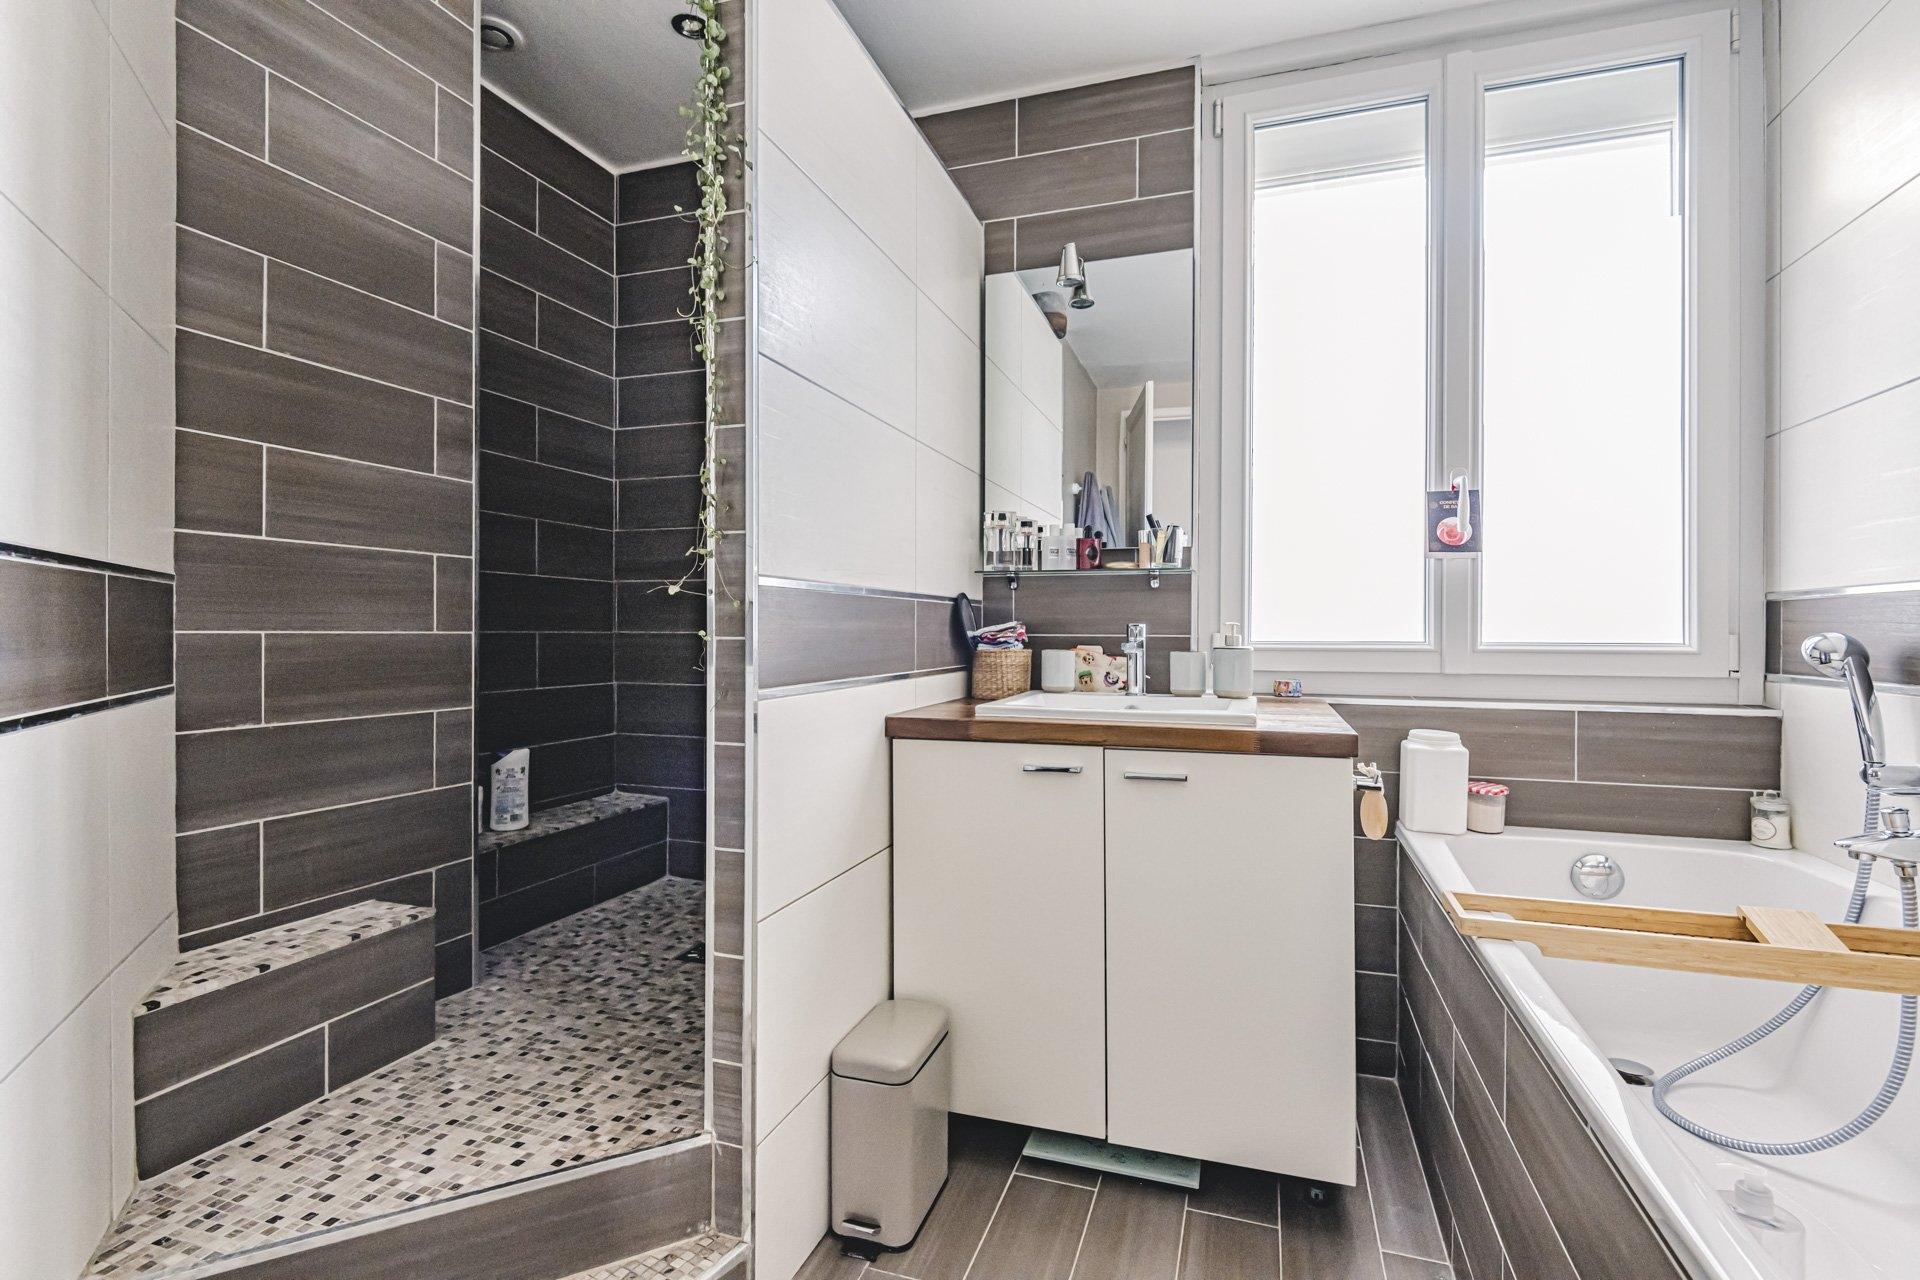 Appartement Reims 4 Pièces 104 m2 - 5